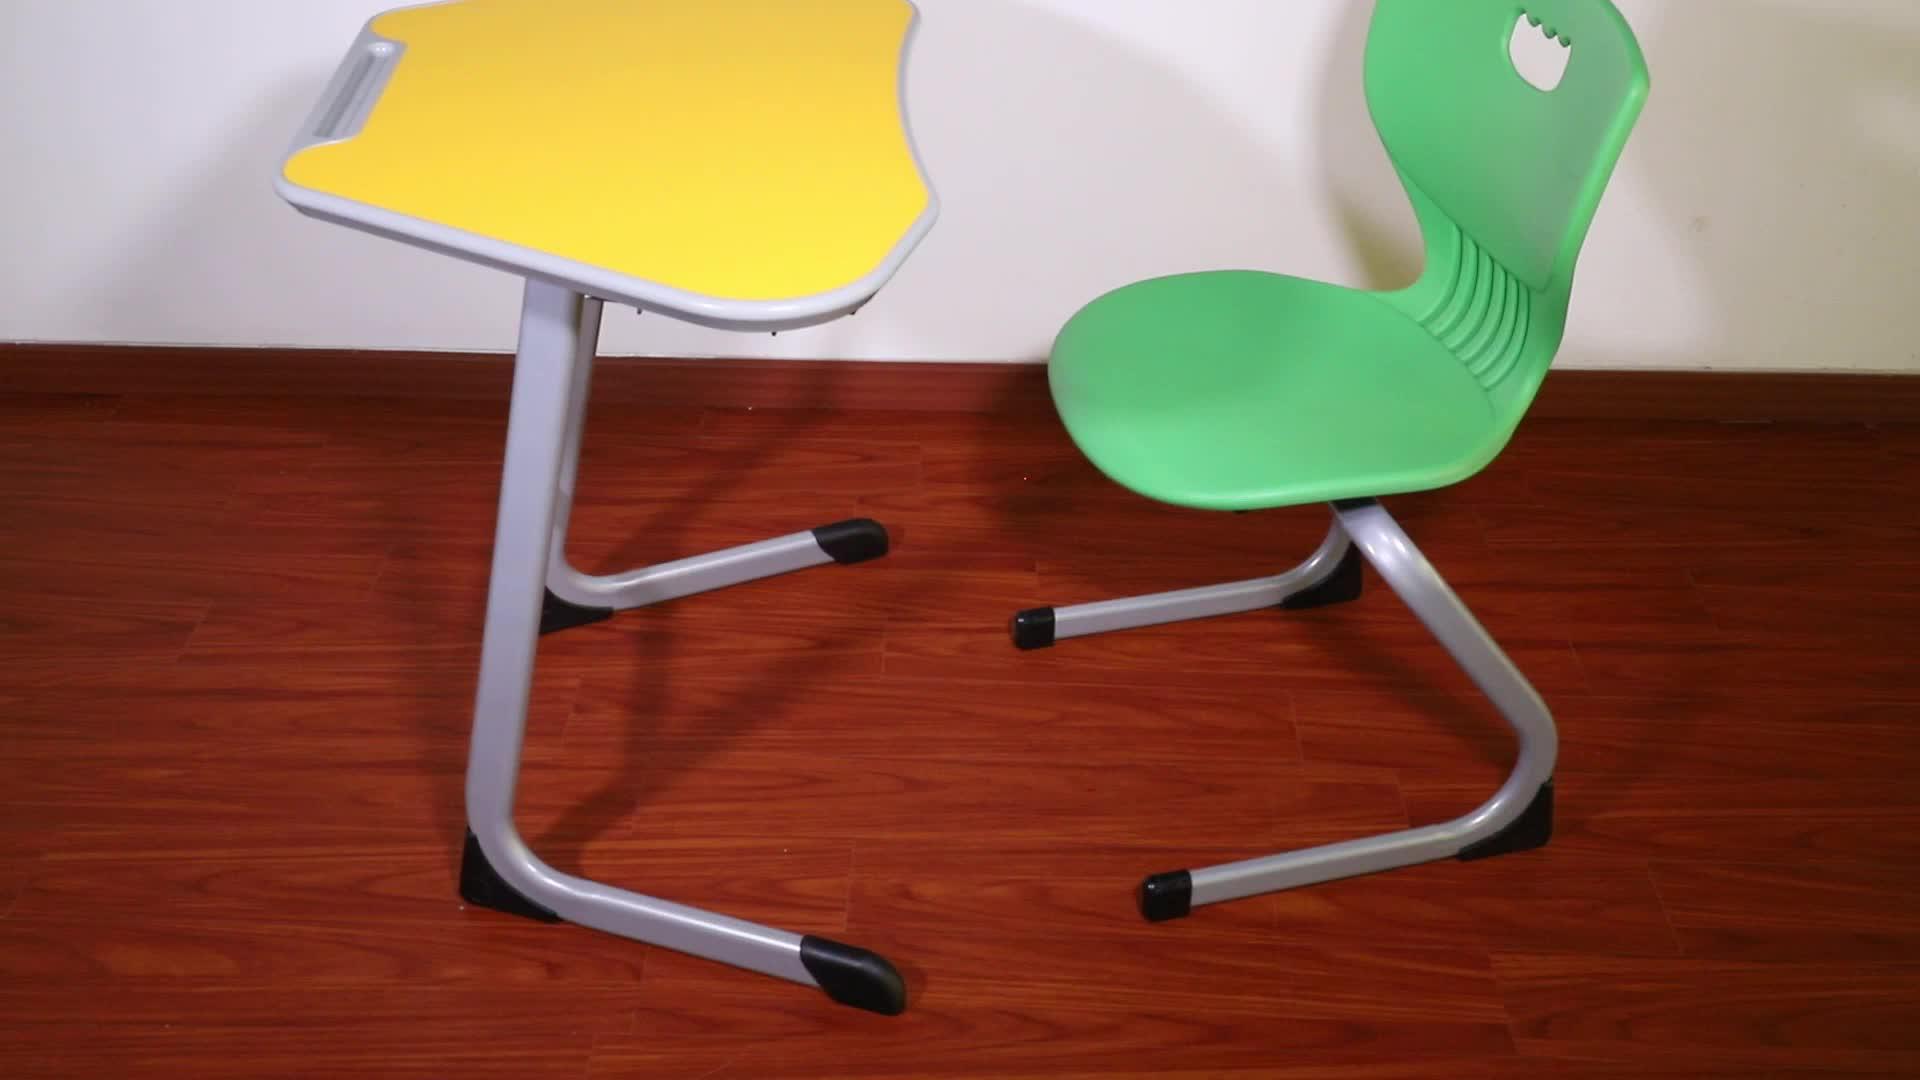 ที่มีคุณภาพสูงมหาวิทยาลัยเฟอร์นิเจอร์โต๊ะและเก้าอี้โรงเรียนเฟอร์นิเจอร์Labเฟอร์นิเจอร์